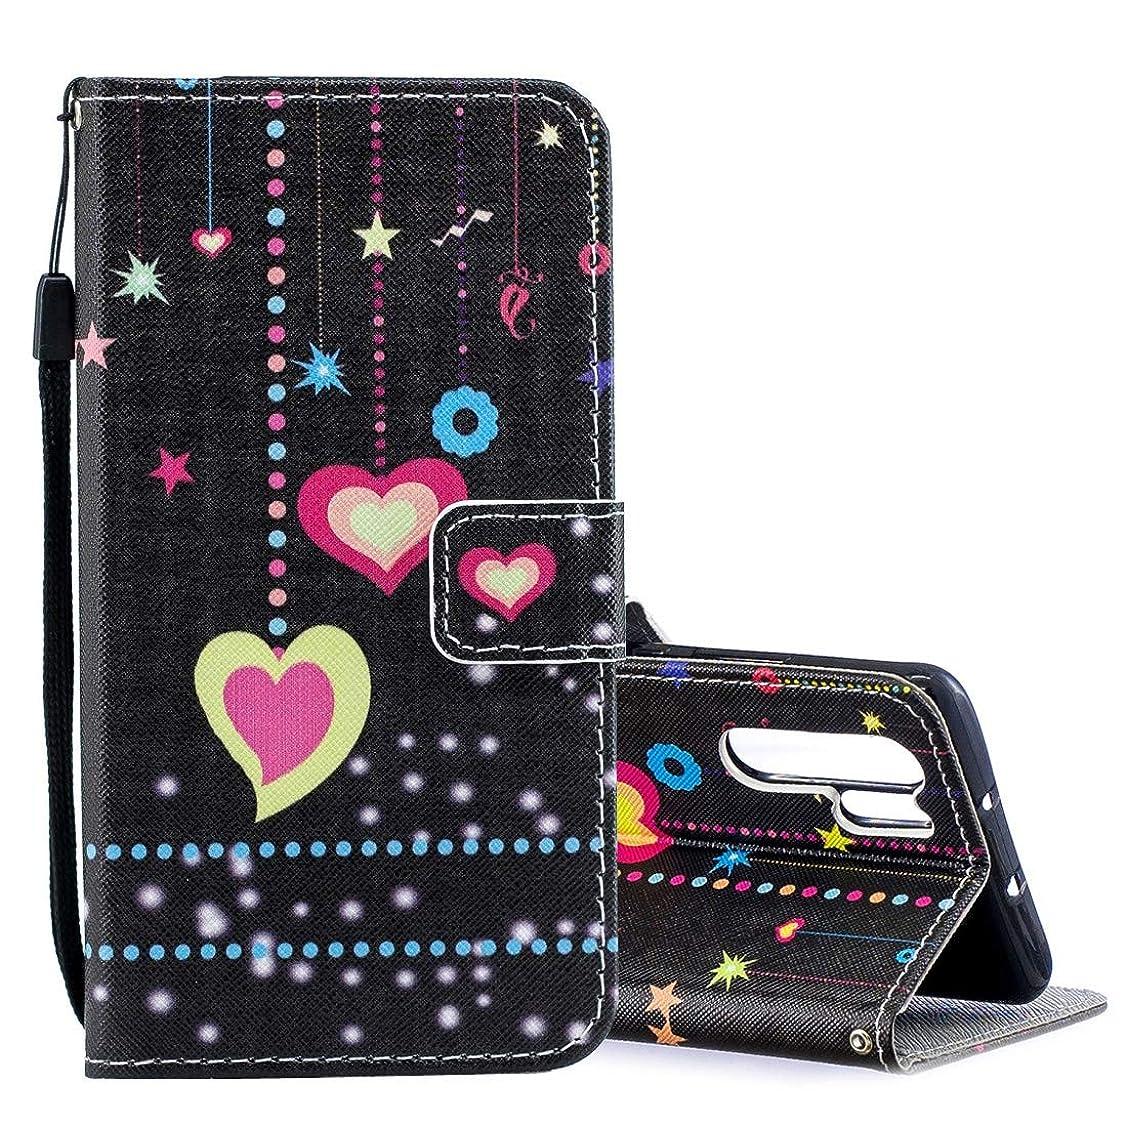 順応性のあるリーガン置換WTYD 電話アクセサリー Huawei P30 Pro用カラーパターン横型フリップレザーケース、ホルダー&カードスロット&財布付き 電話使用